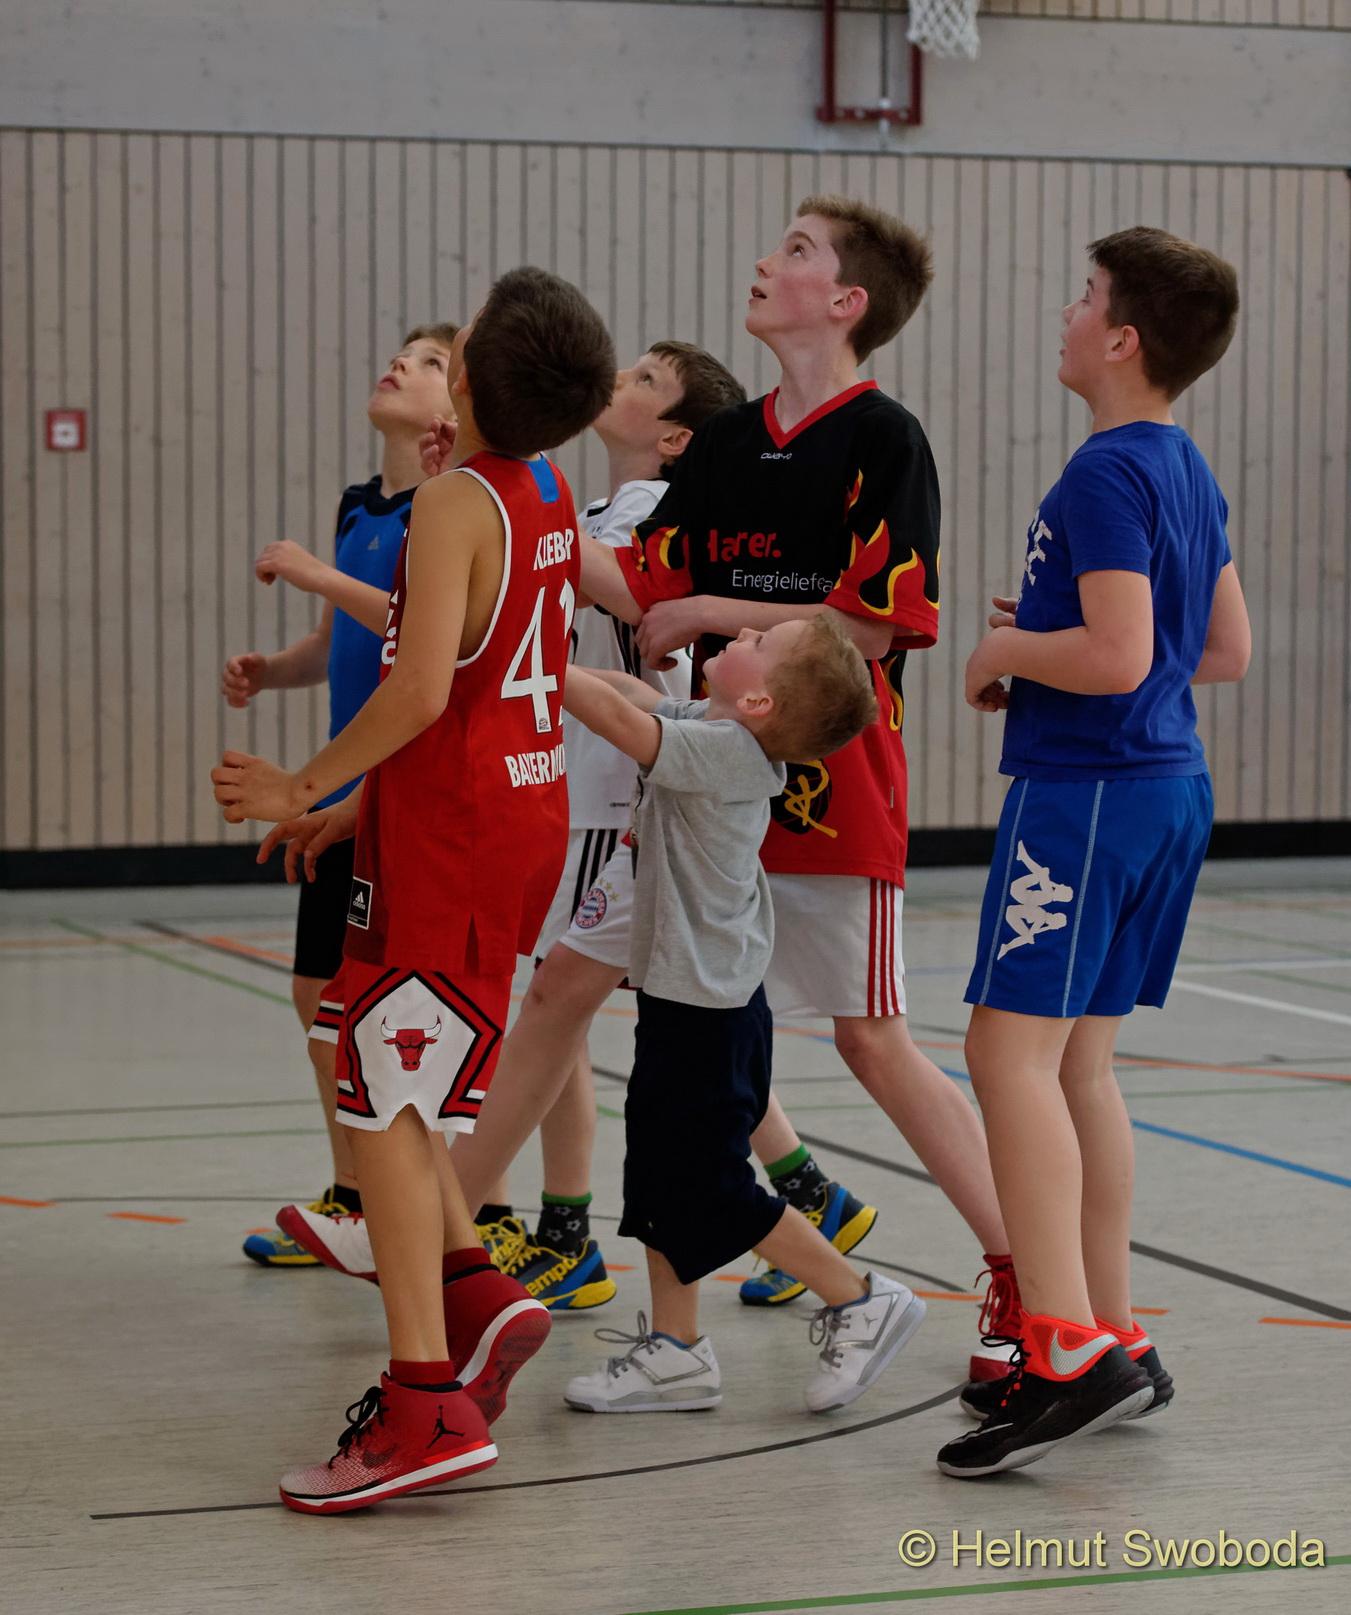 d170402-162729100-100-basketball_weilheim-mixed-turnier_33772898896_o